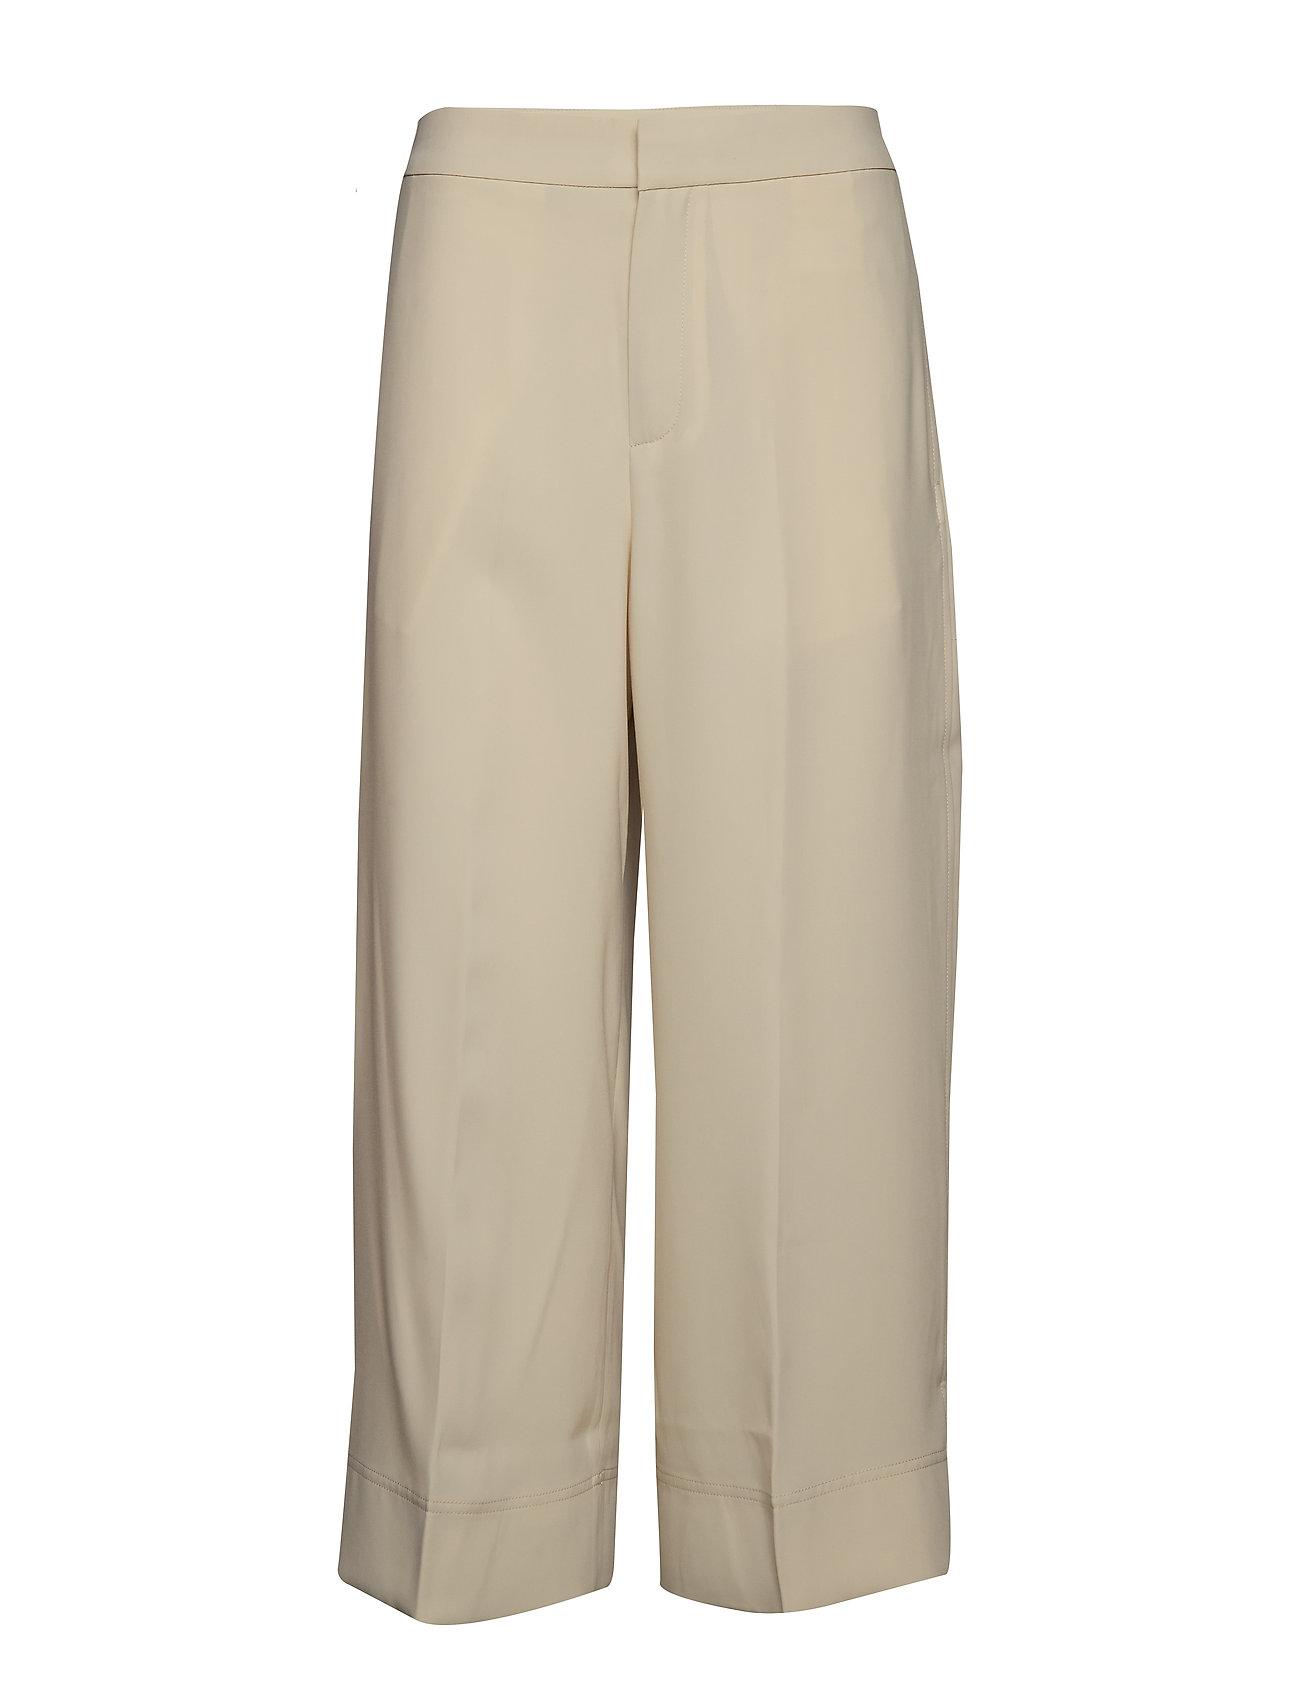 Hope Frame Trouser - BEIGE